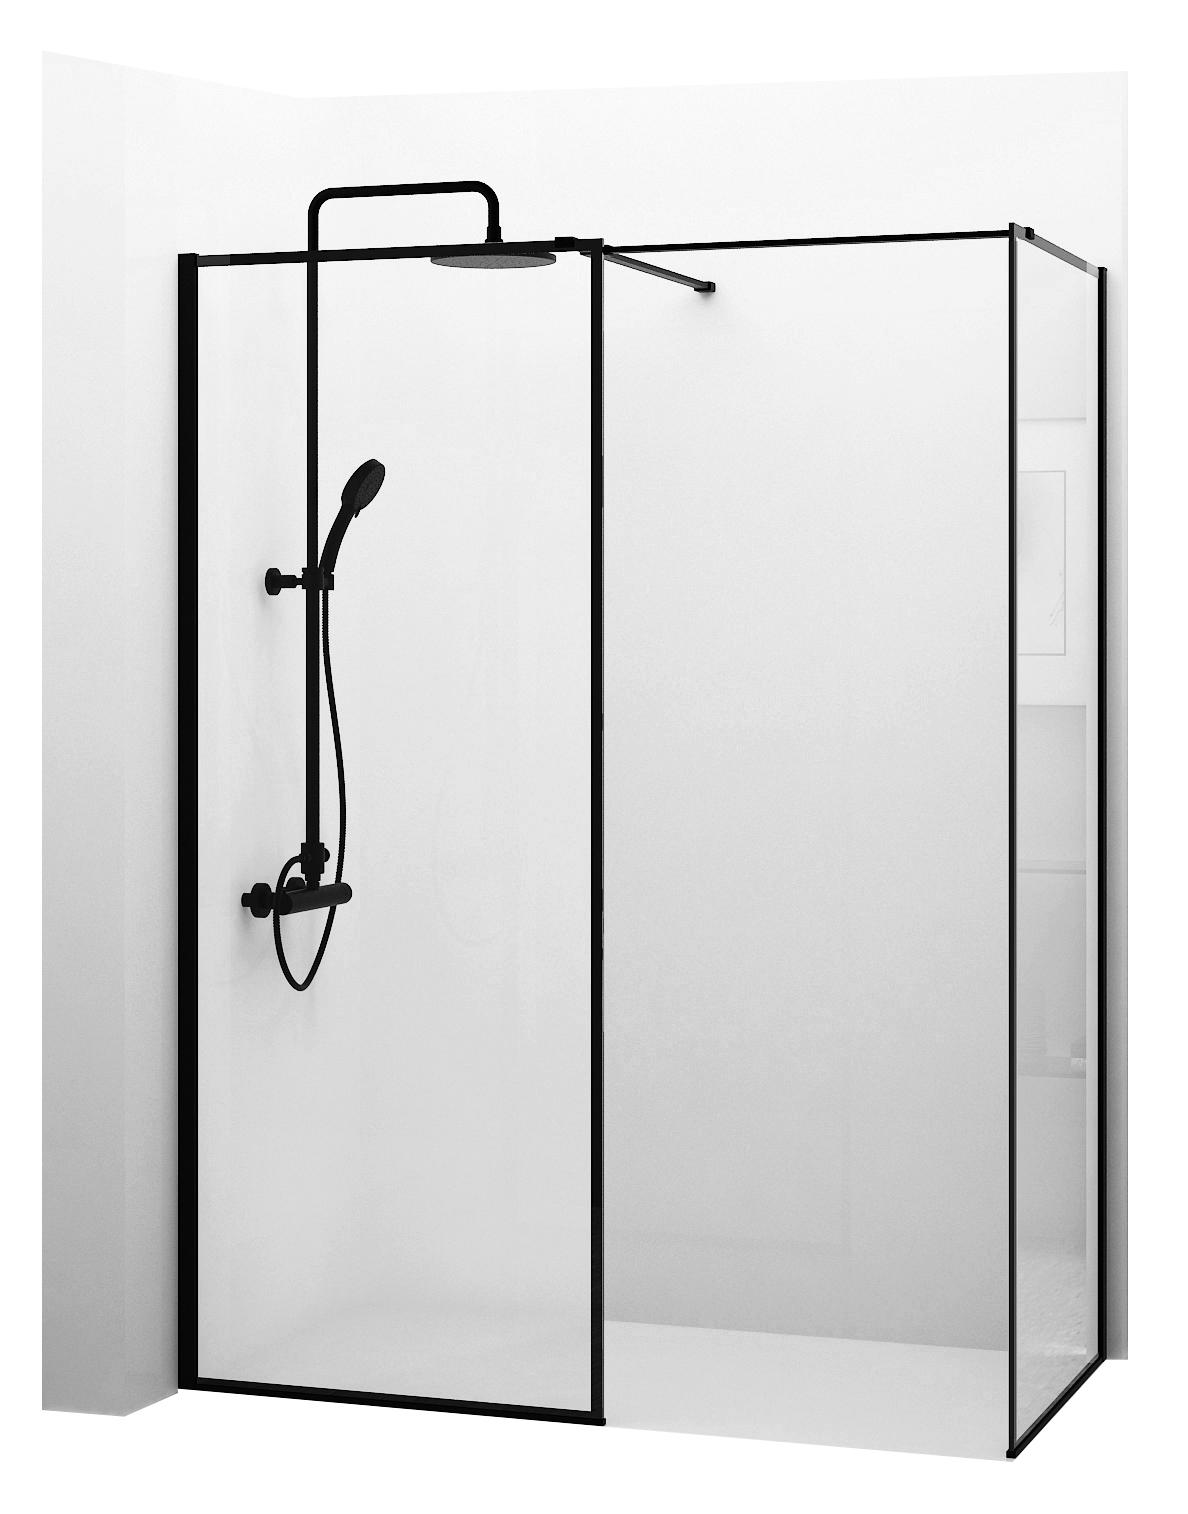 Kabina sprchová Bler 70-90 cm - Kabina Bler 1: 70x90